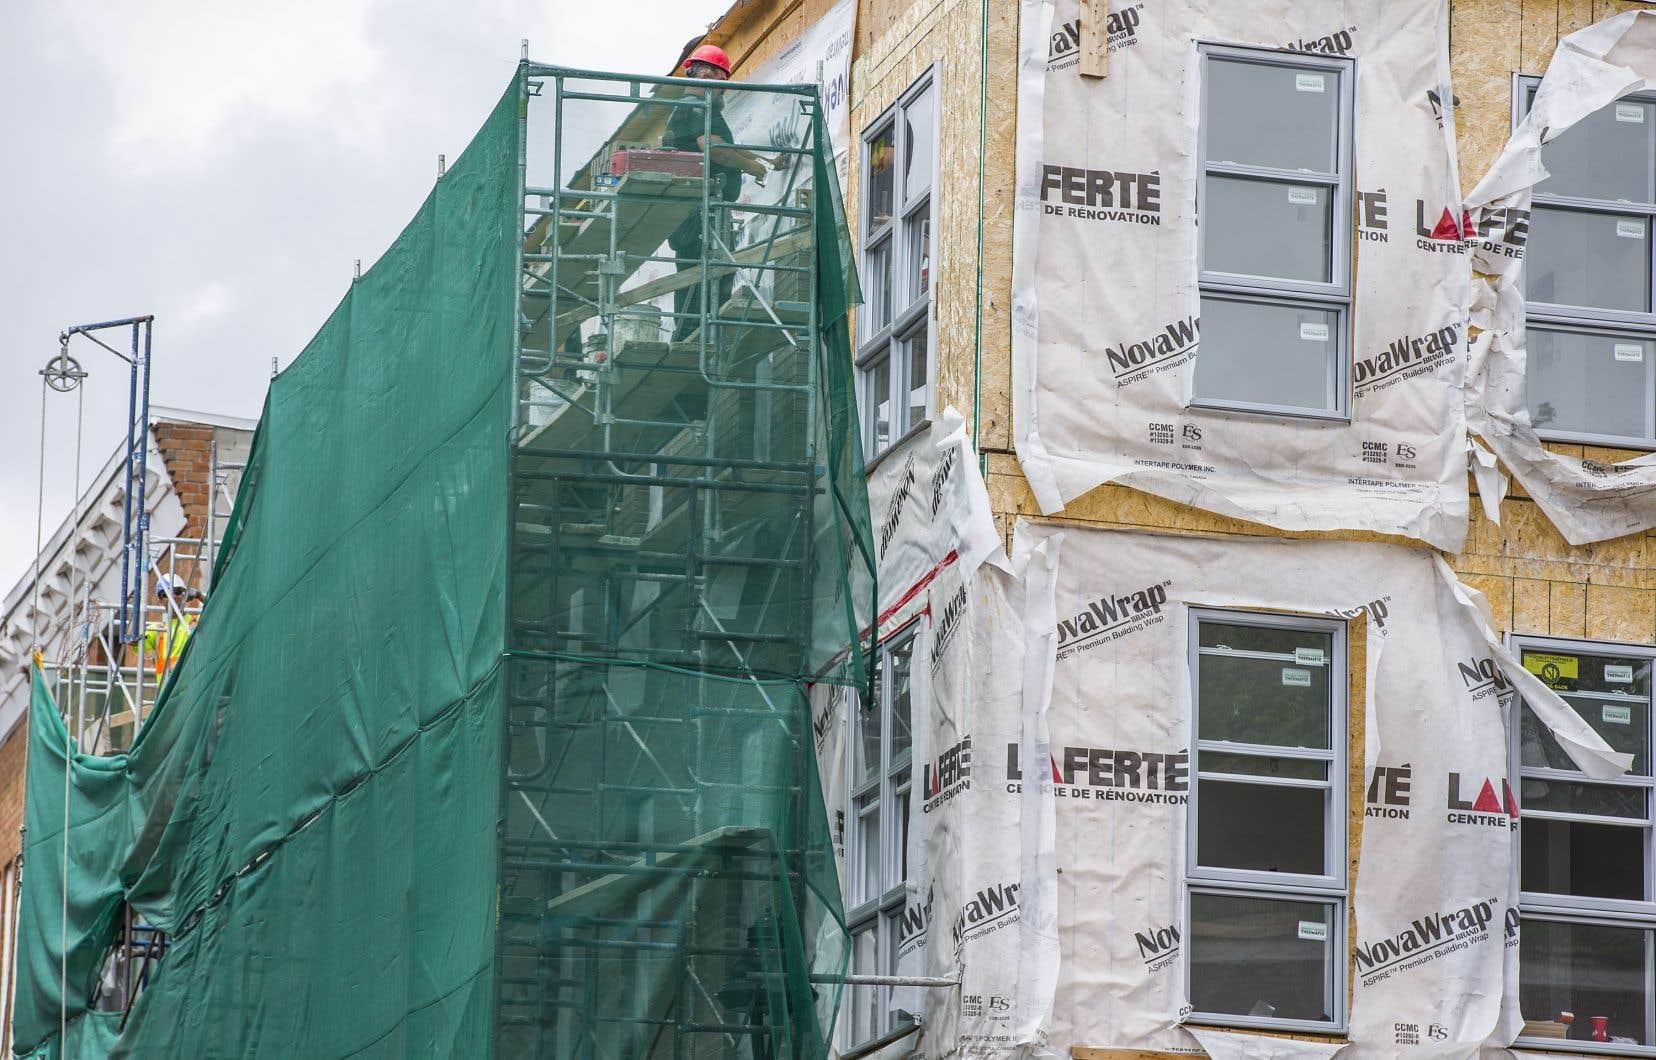 Le programme RénoPlex vise à subventionner les rénovations d'immeubles d'un à cinq logements à Montréal. Sur la photo, un travailleur effectue des travaux sur un bâtiment montréalais.